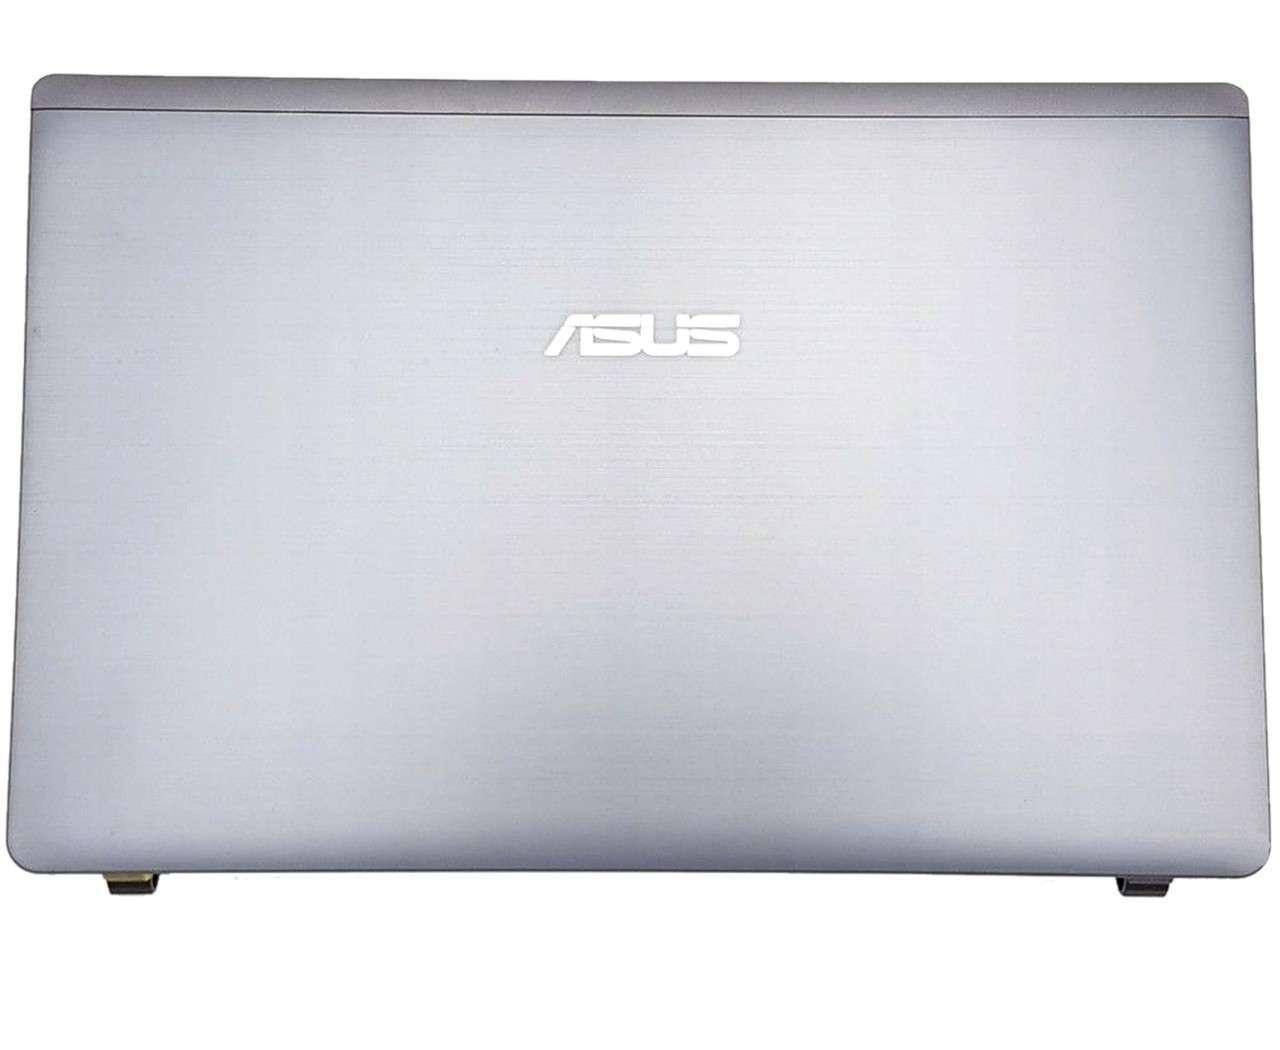 Capac Display BackCover Asus K55VD Carcasa Display Argintie imagine